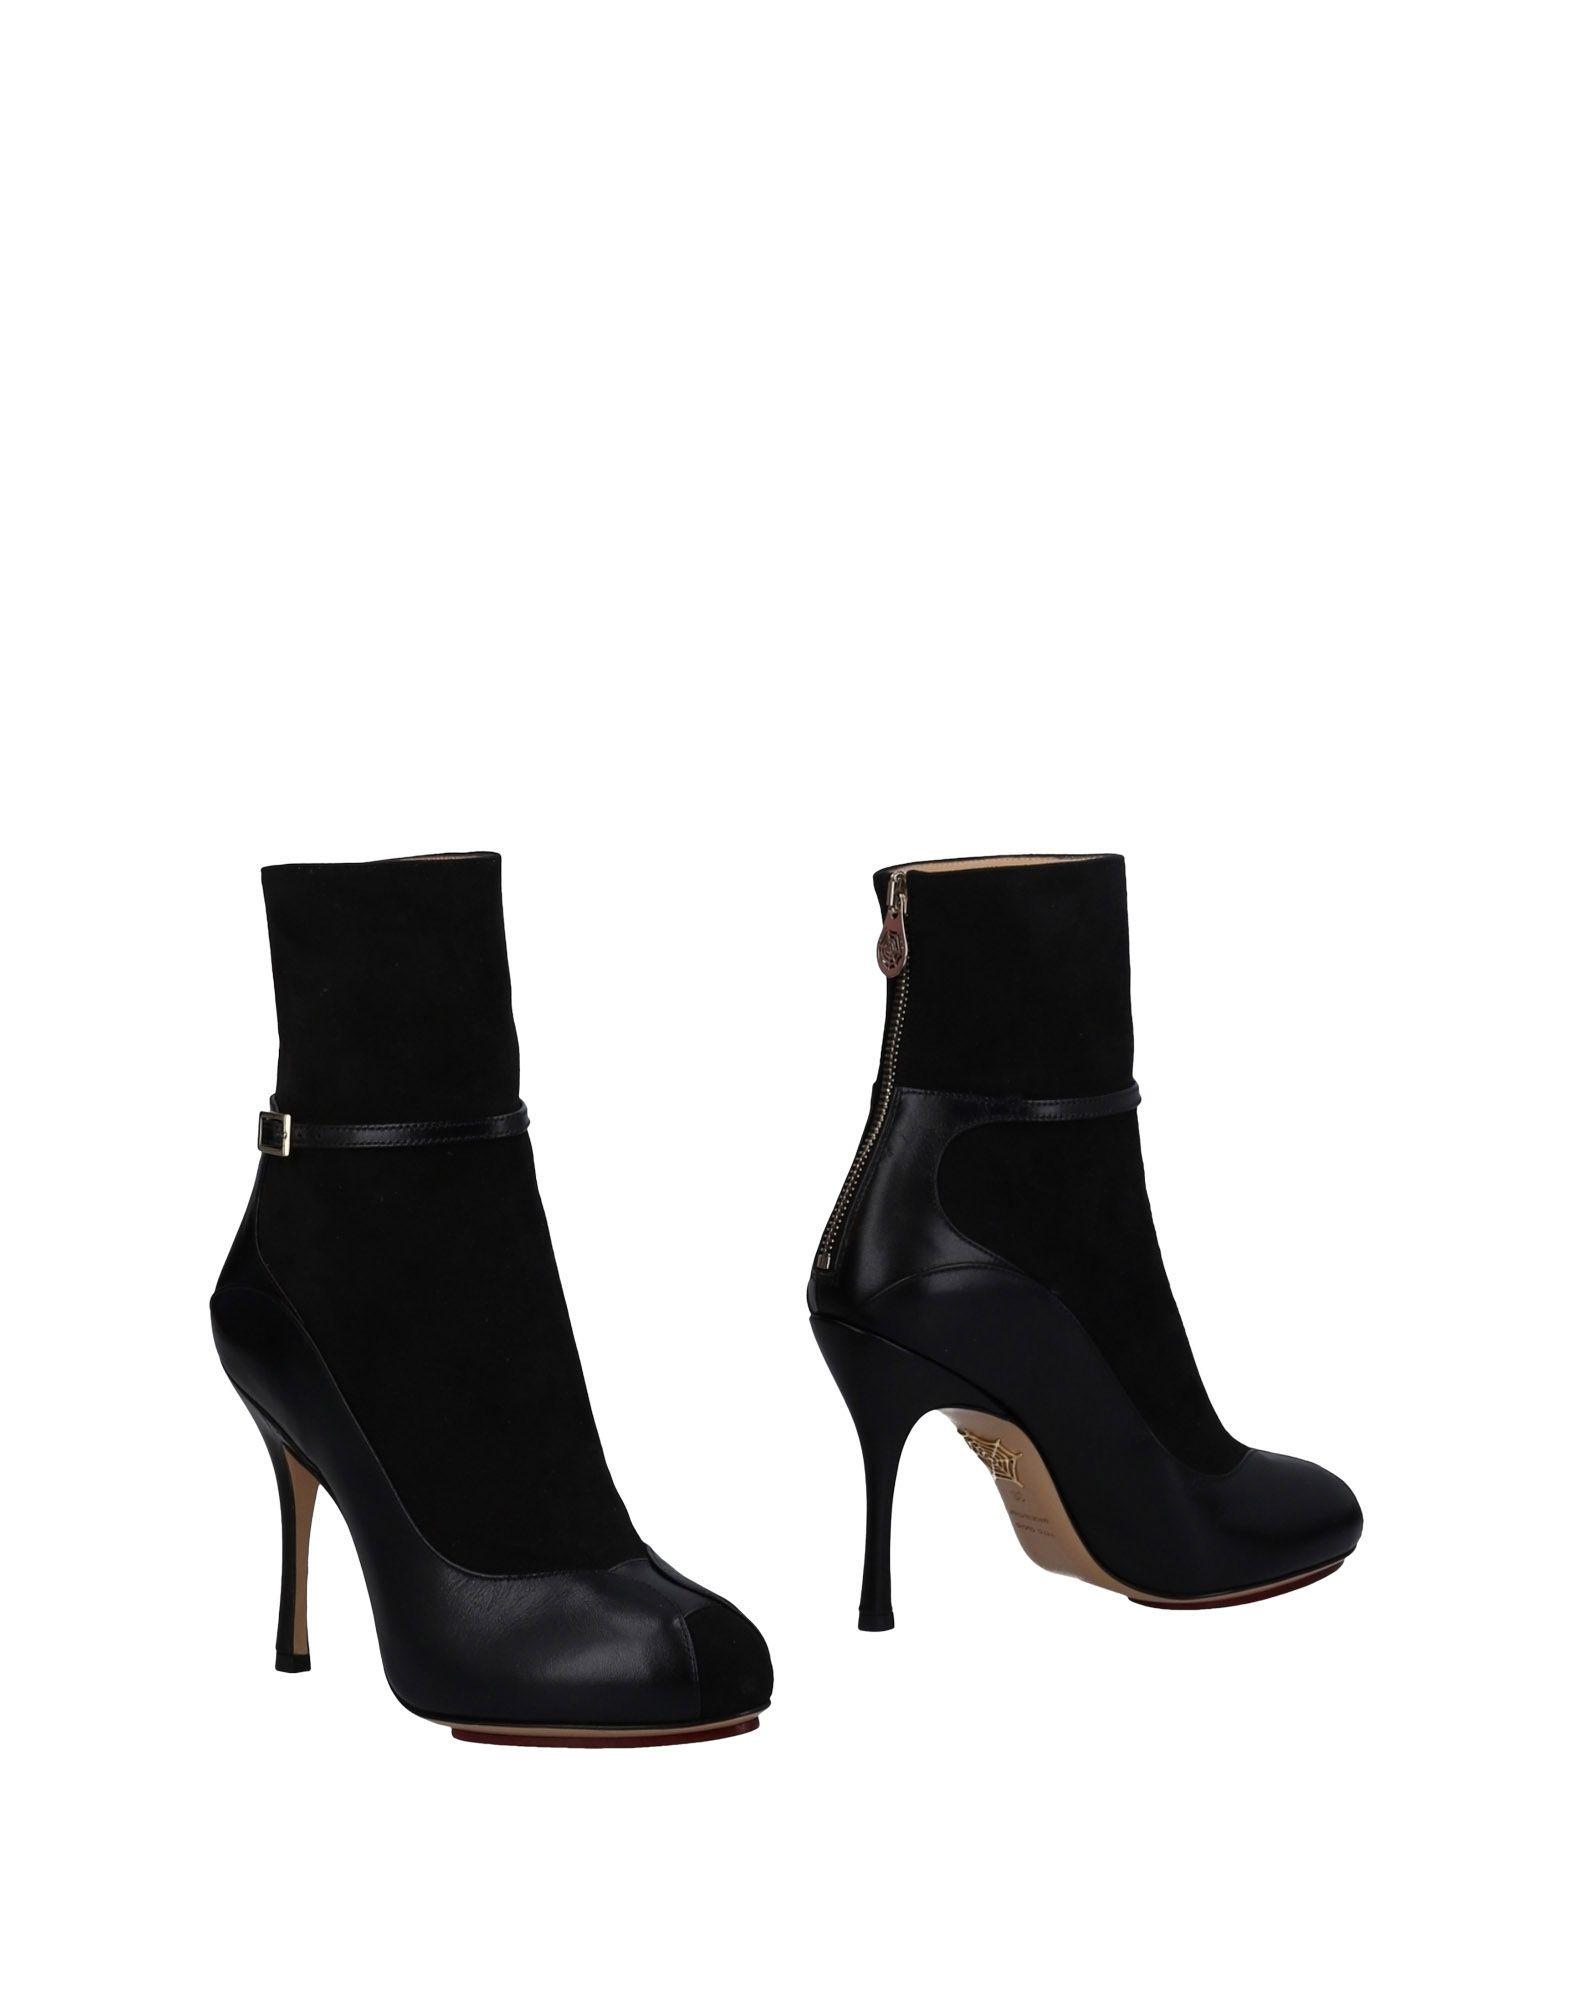 Charlotte Olympia Stiefelette Damen  11488409JBGünstige gut aussehende Schuhe